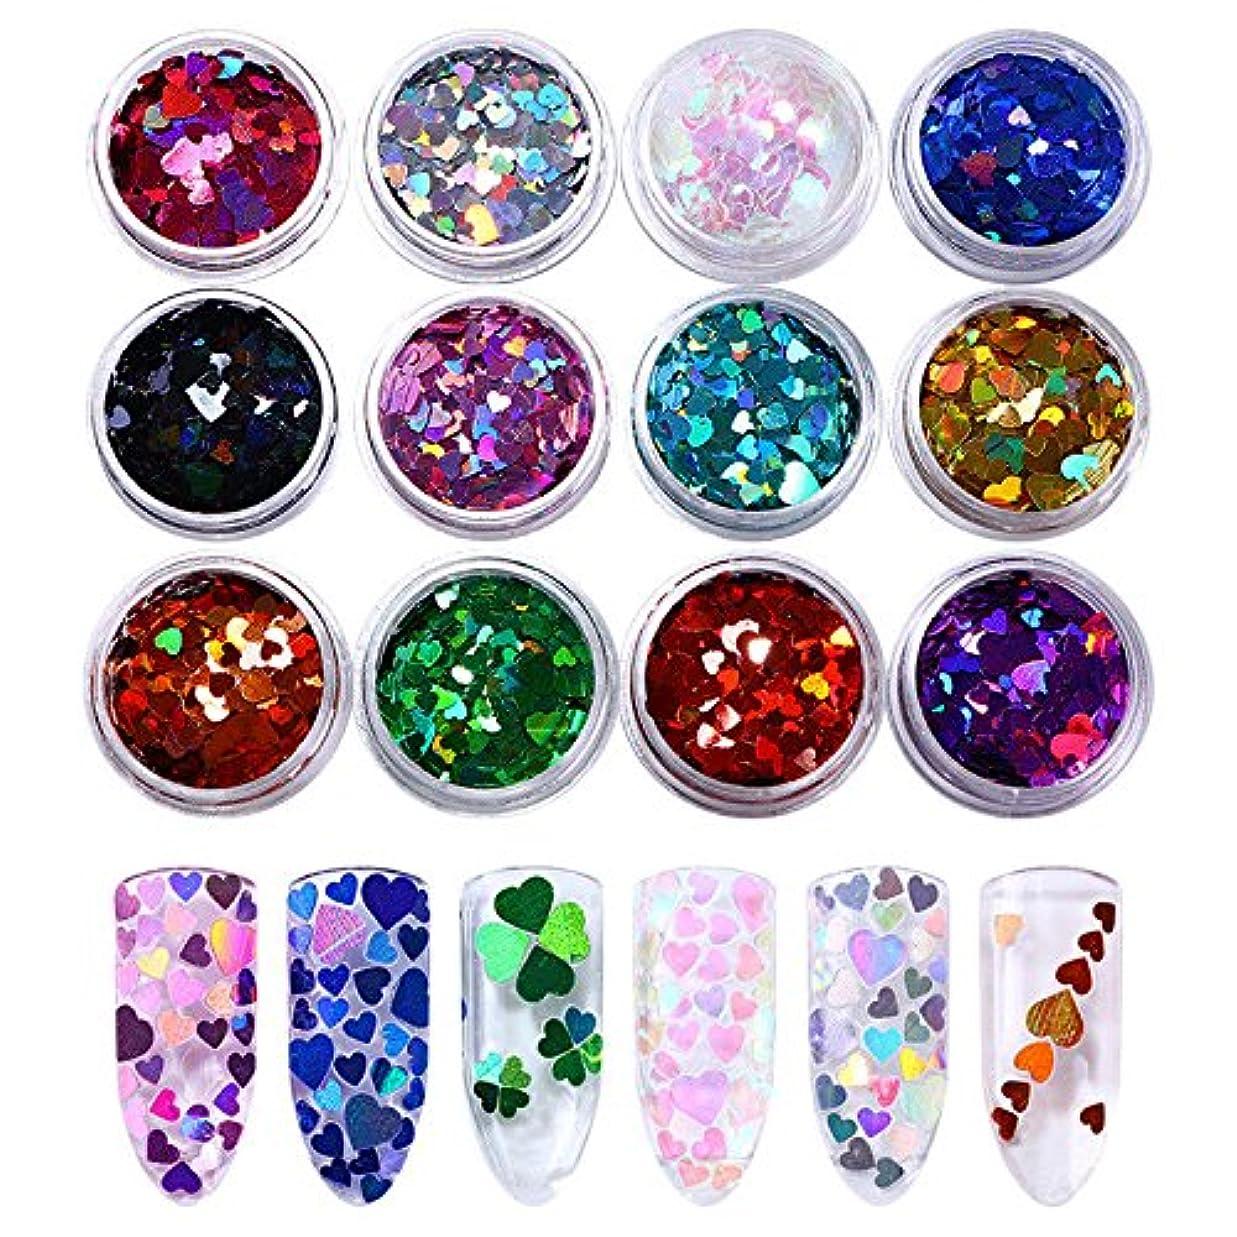 コインランドリー継承弁護FidgetGear 12ボックスホログラフィックネイルスパンコールマルチサイズ虹色ハートパレットマニキュア